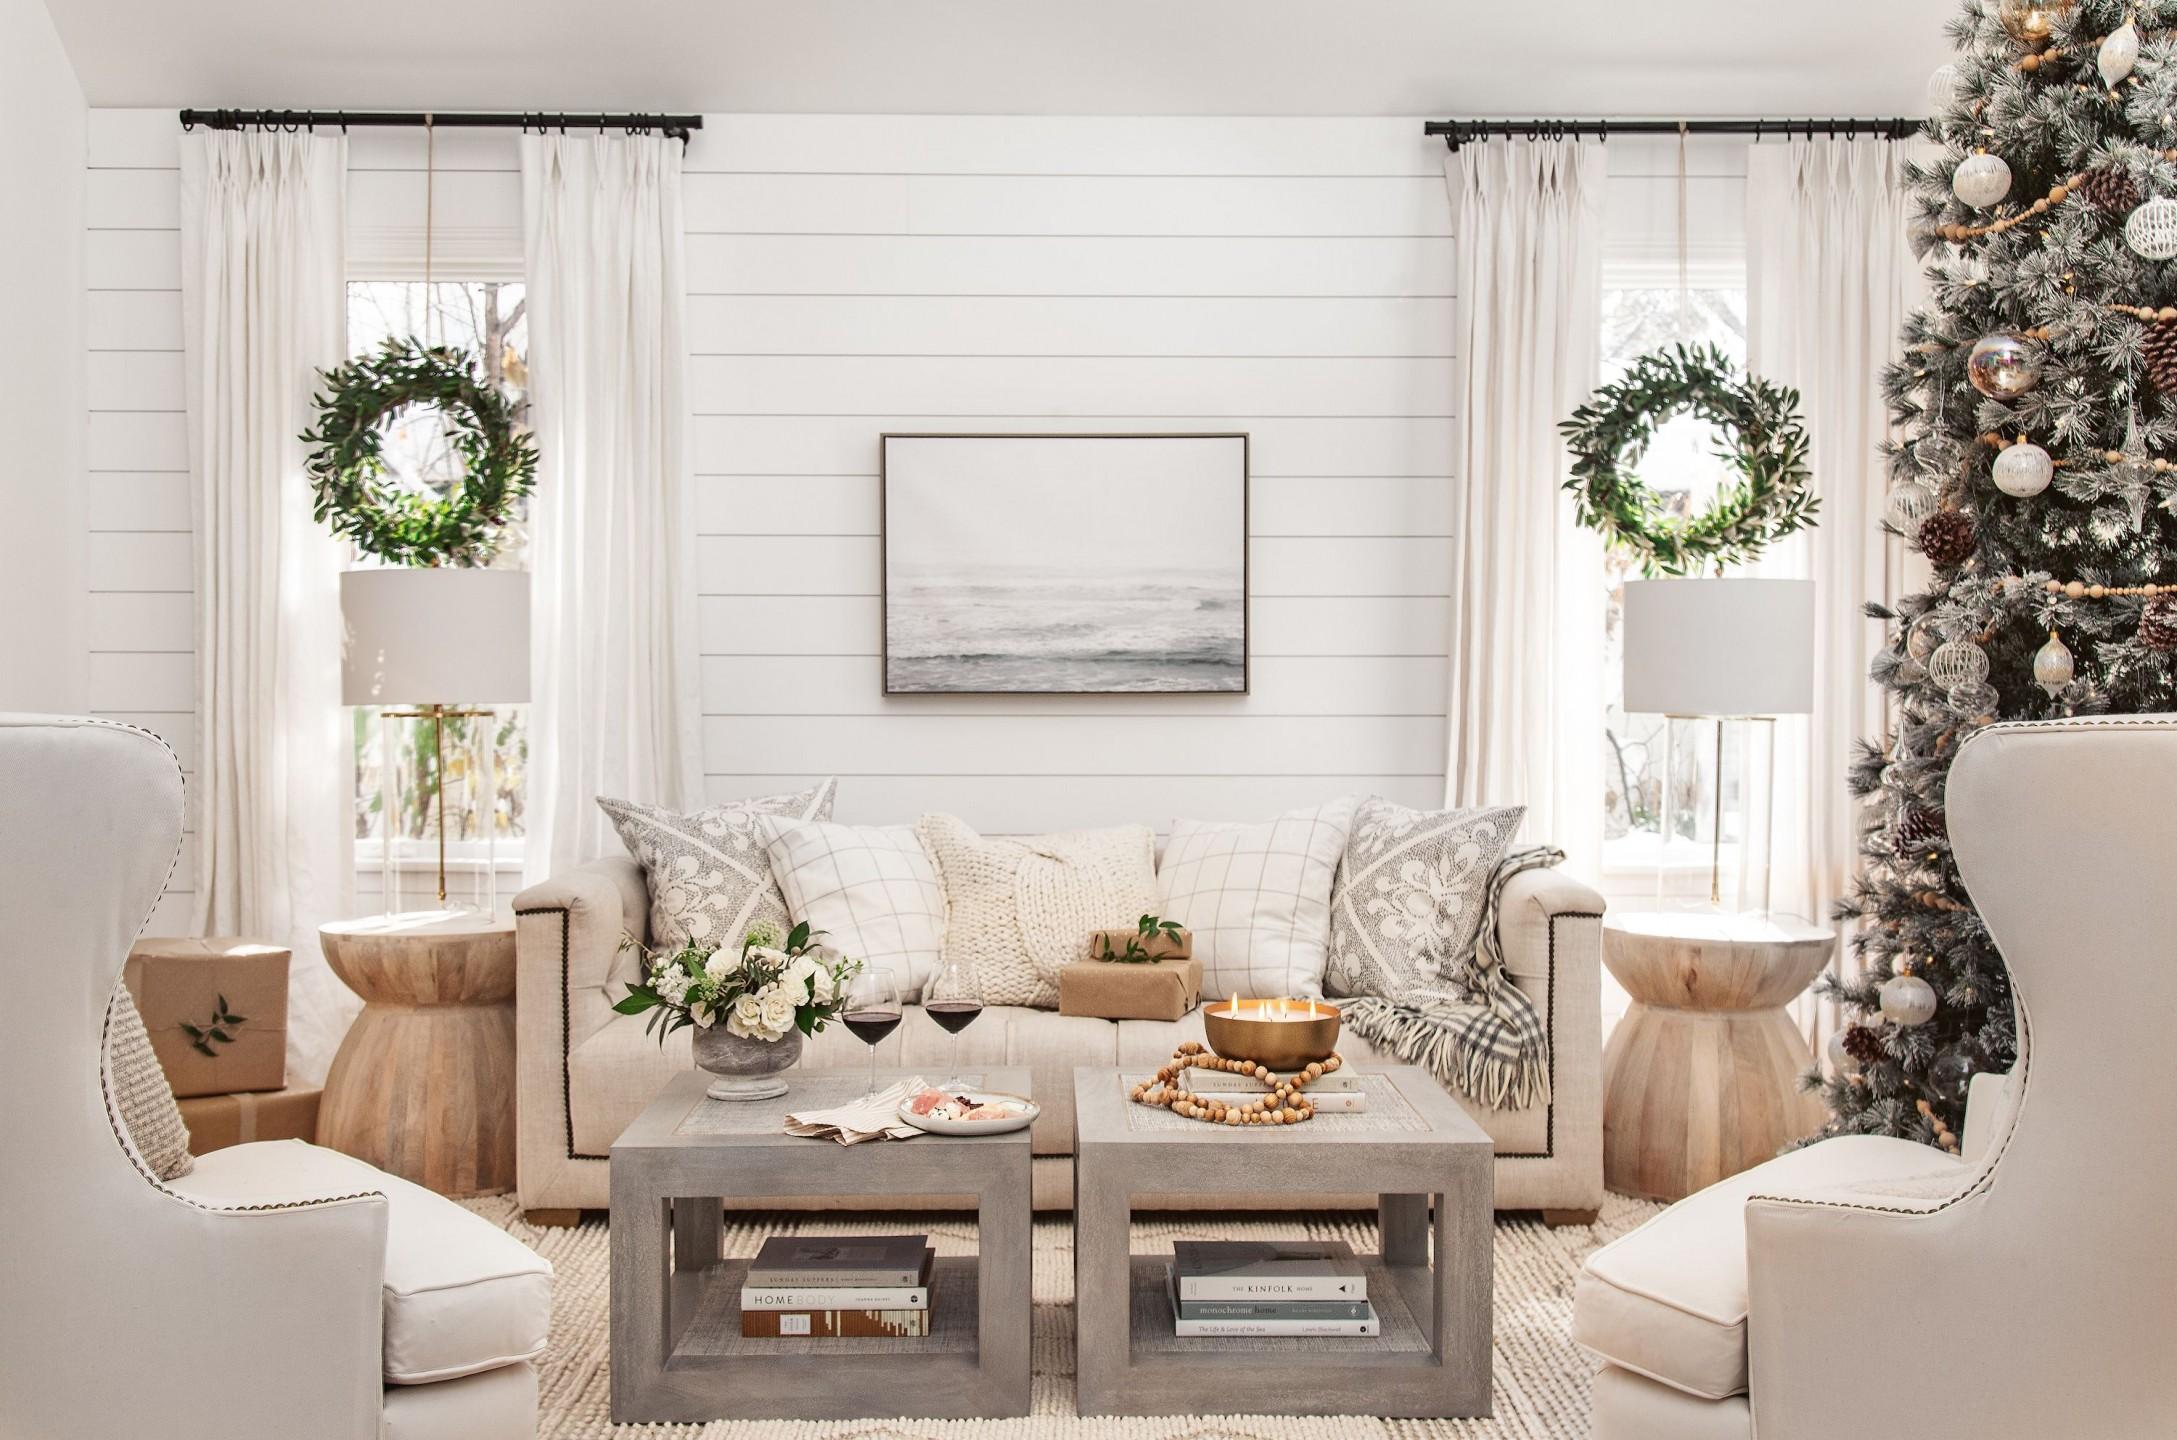 squarerooms-scandinavian-christmas-home-decor-inspiration